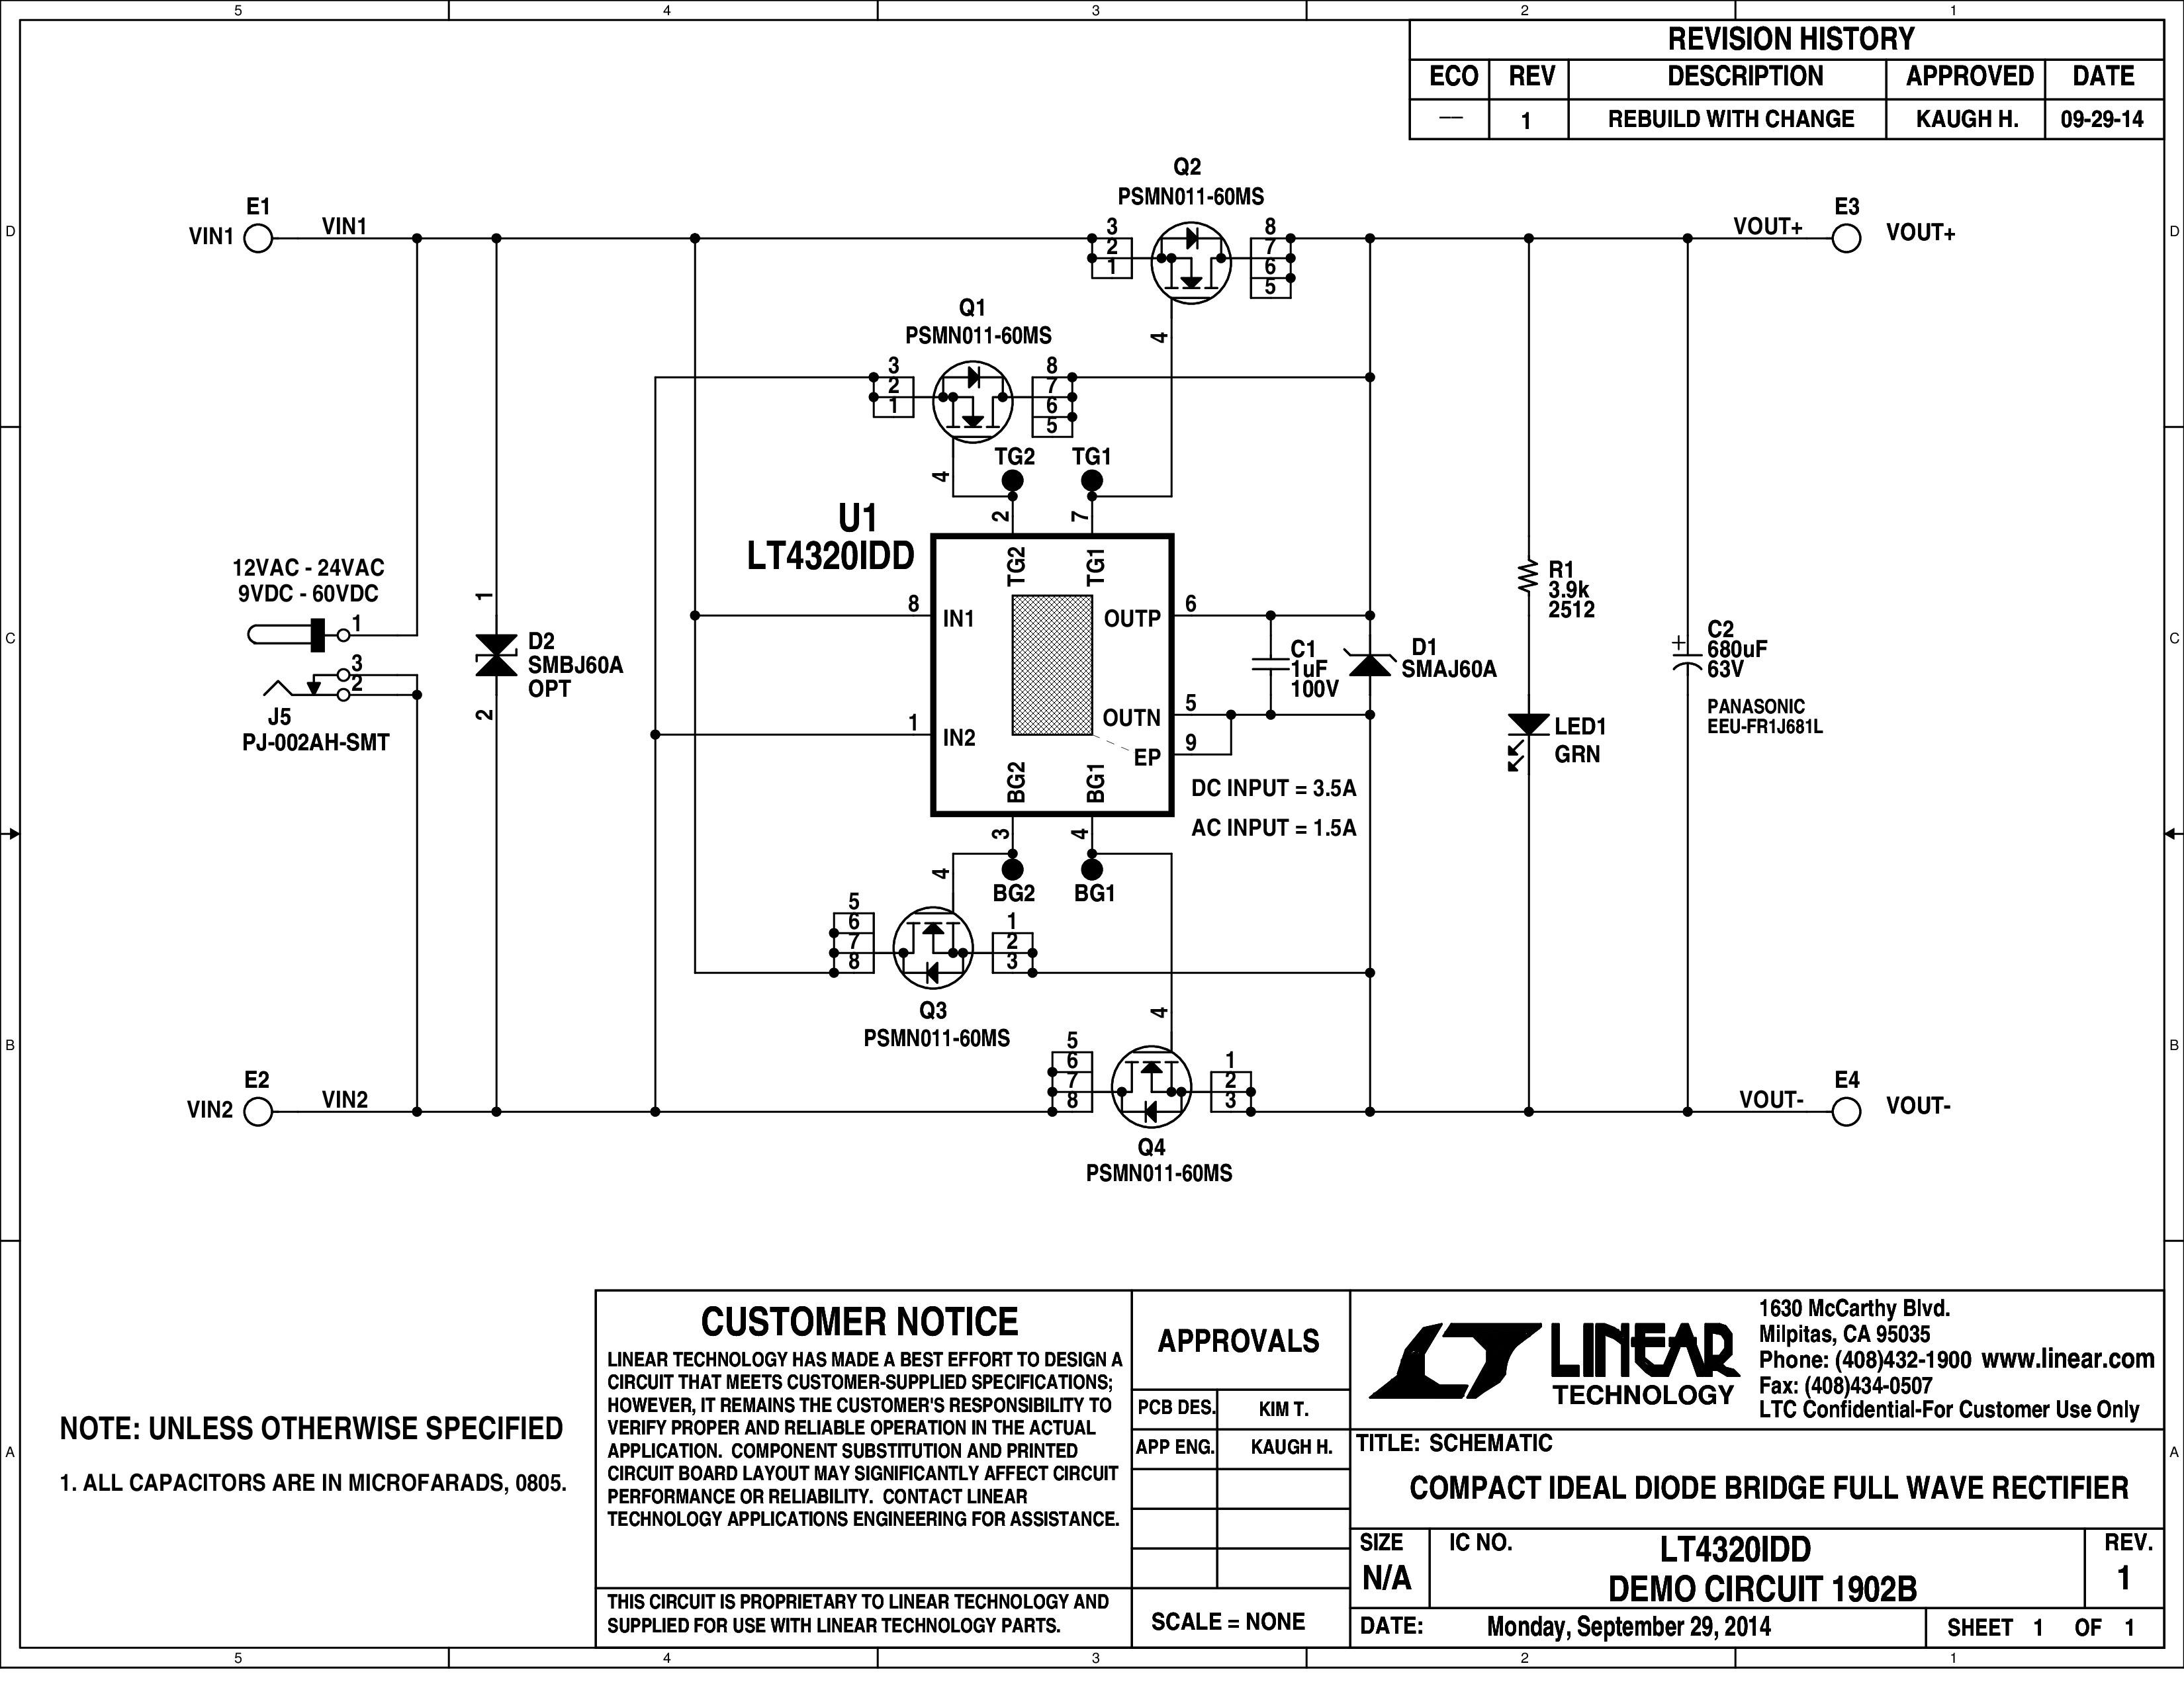 Yamaha Rectifier Wiring Schematics Diagram 1980 Xs650 Cdi 2001 R6 Best Image 2018 Solid State Schematic